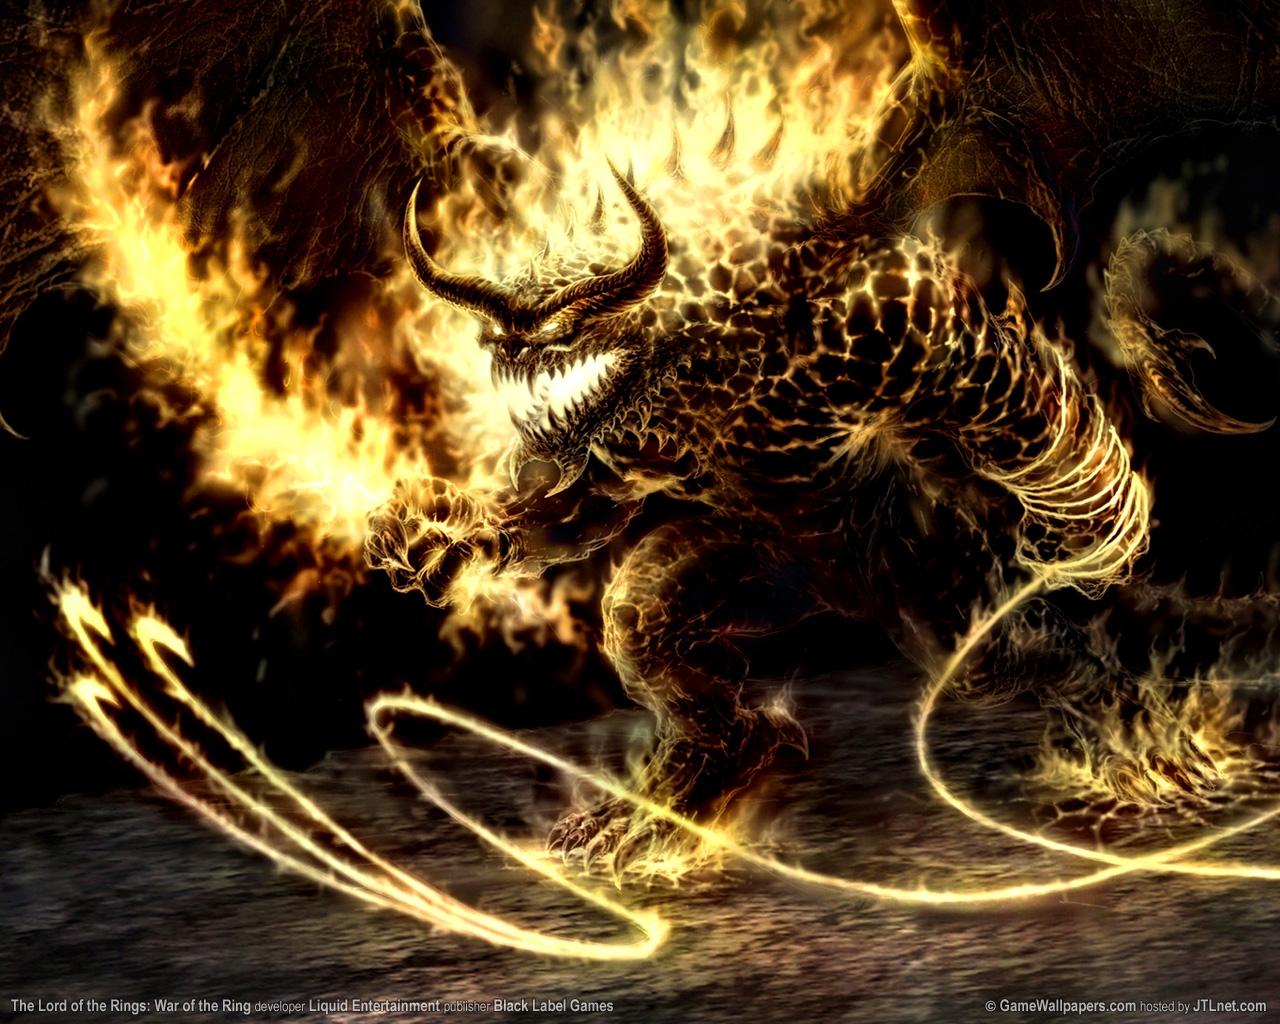 Devil monster fire whip